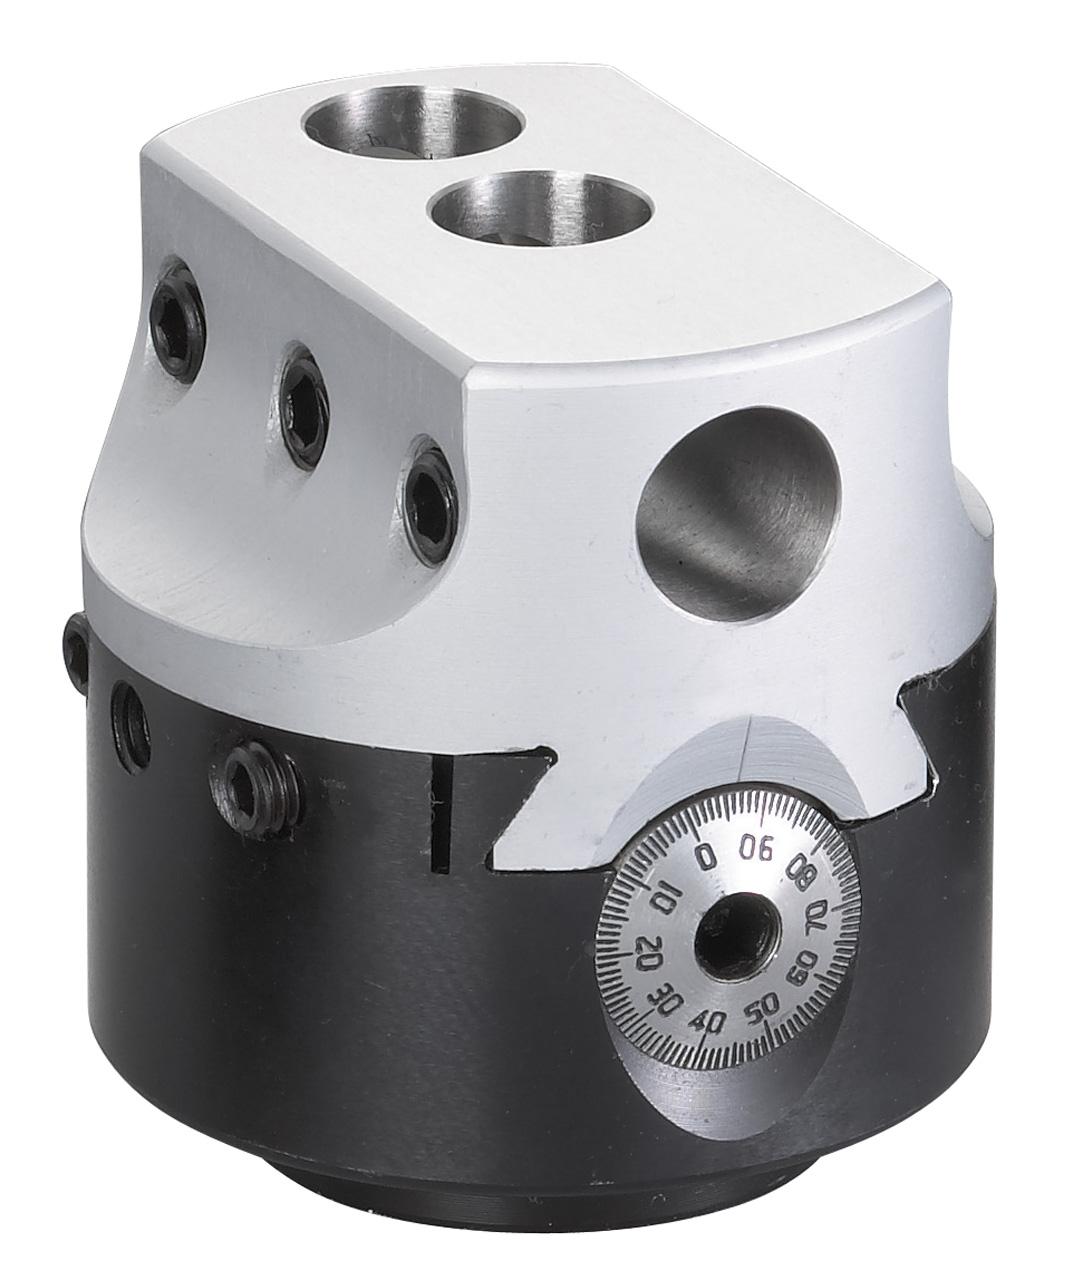 Głowica do gwintowania i precyzyjnego wiercenia rozmiar 75 mm BERNARDO